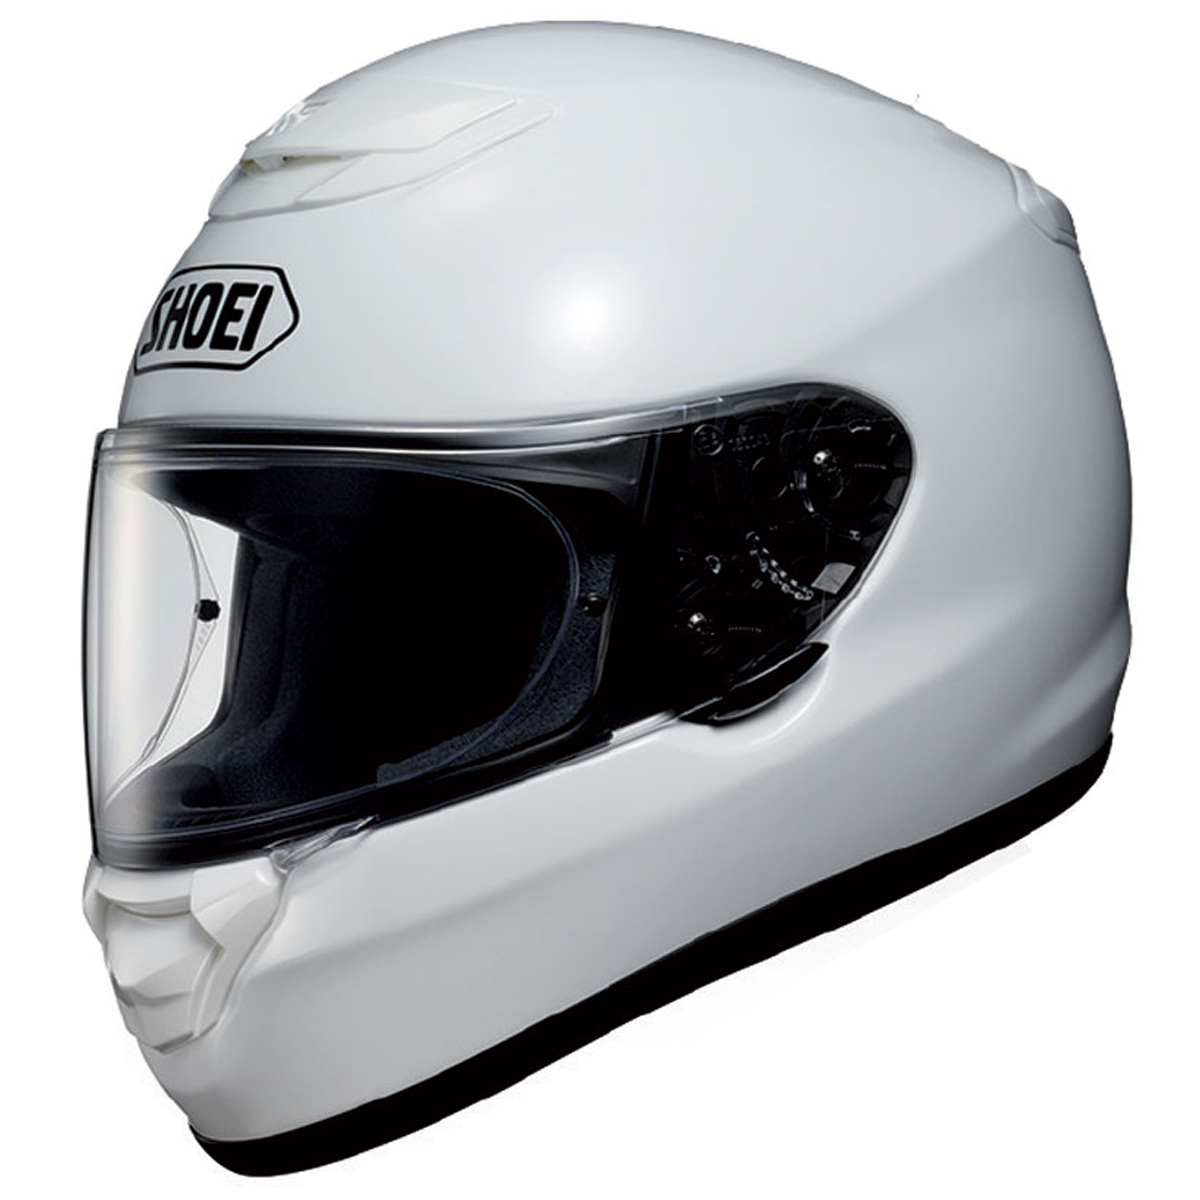 What is the best motorcycle helmet